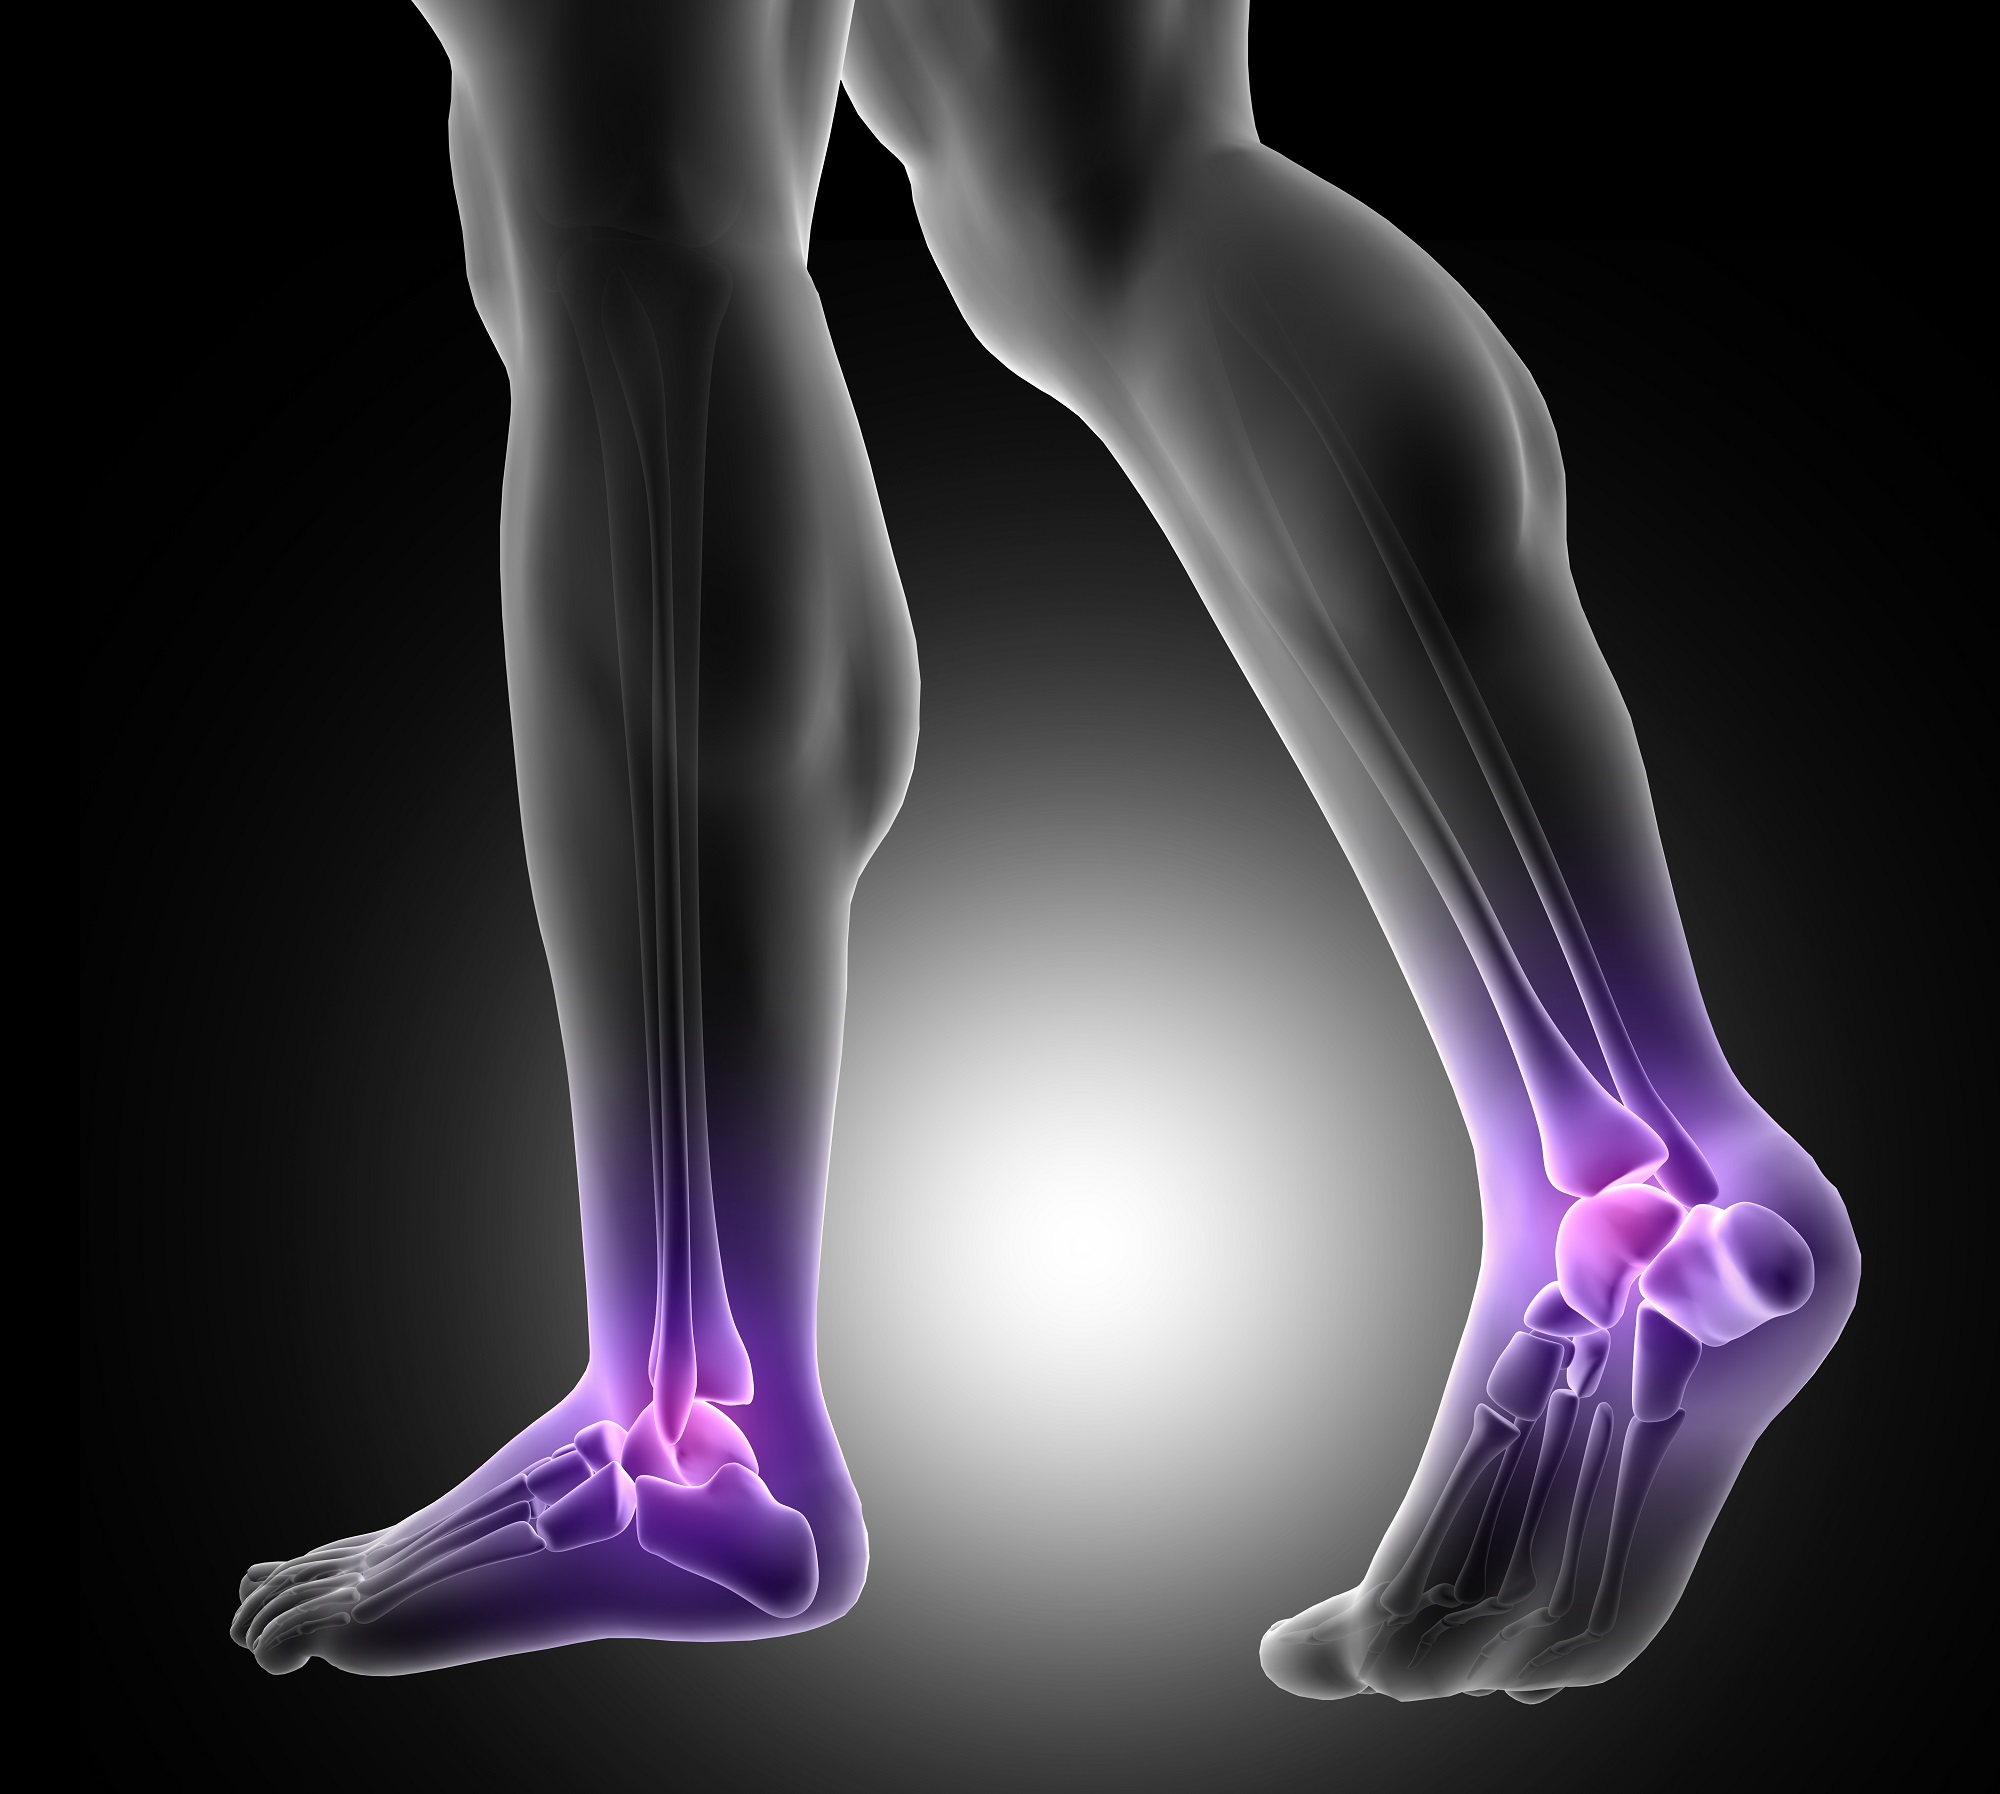 gyakorlatok a lábak ízületeiben jelentkező fájdalomra)